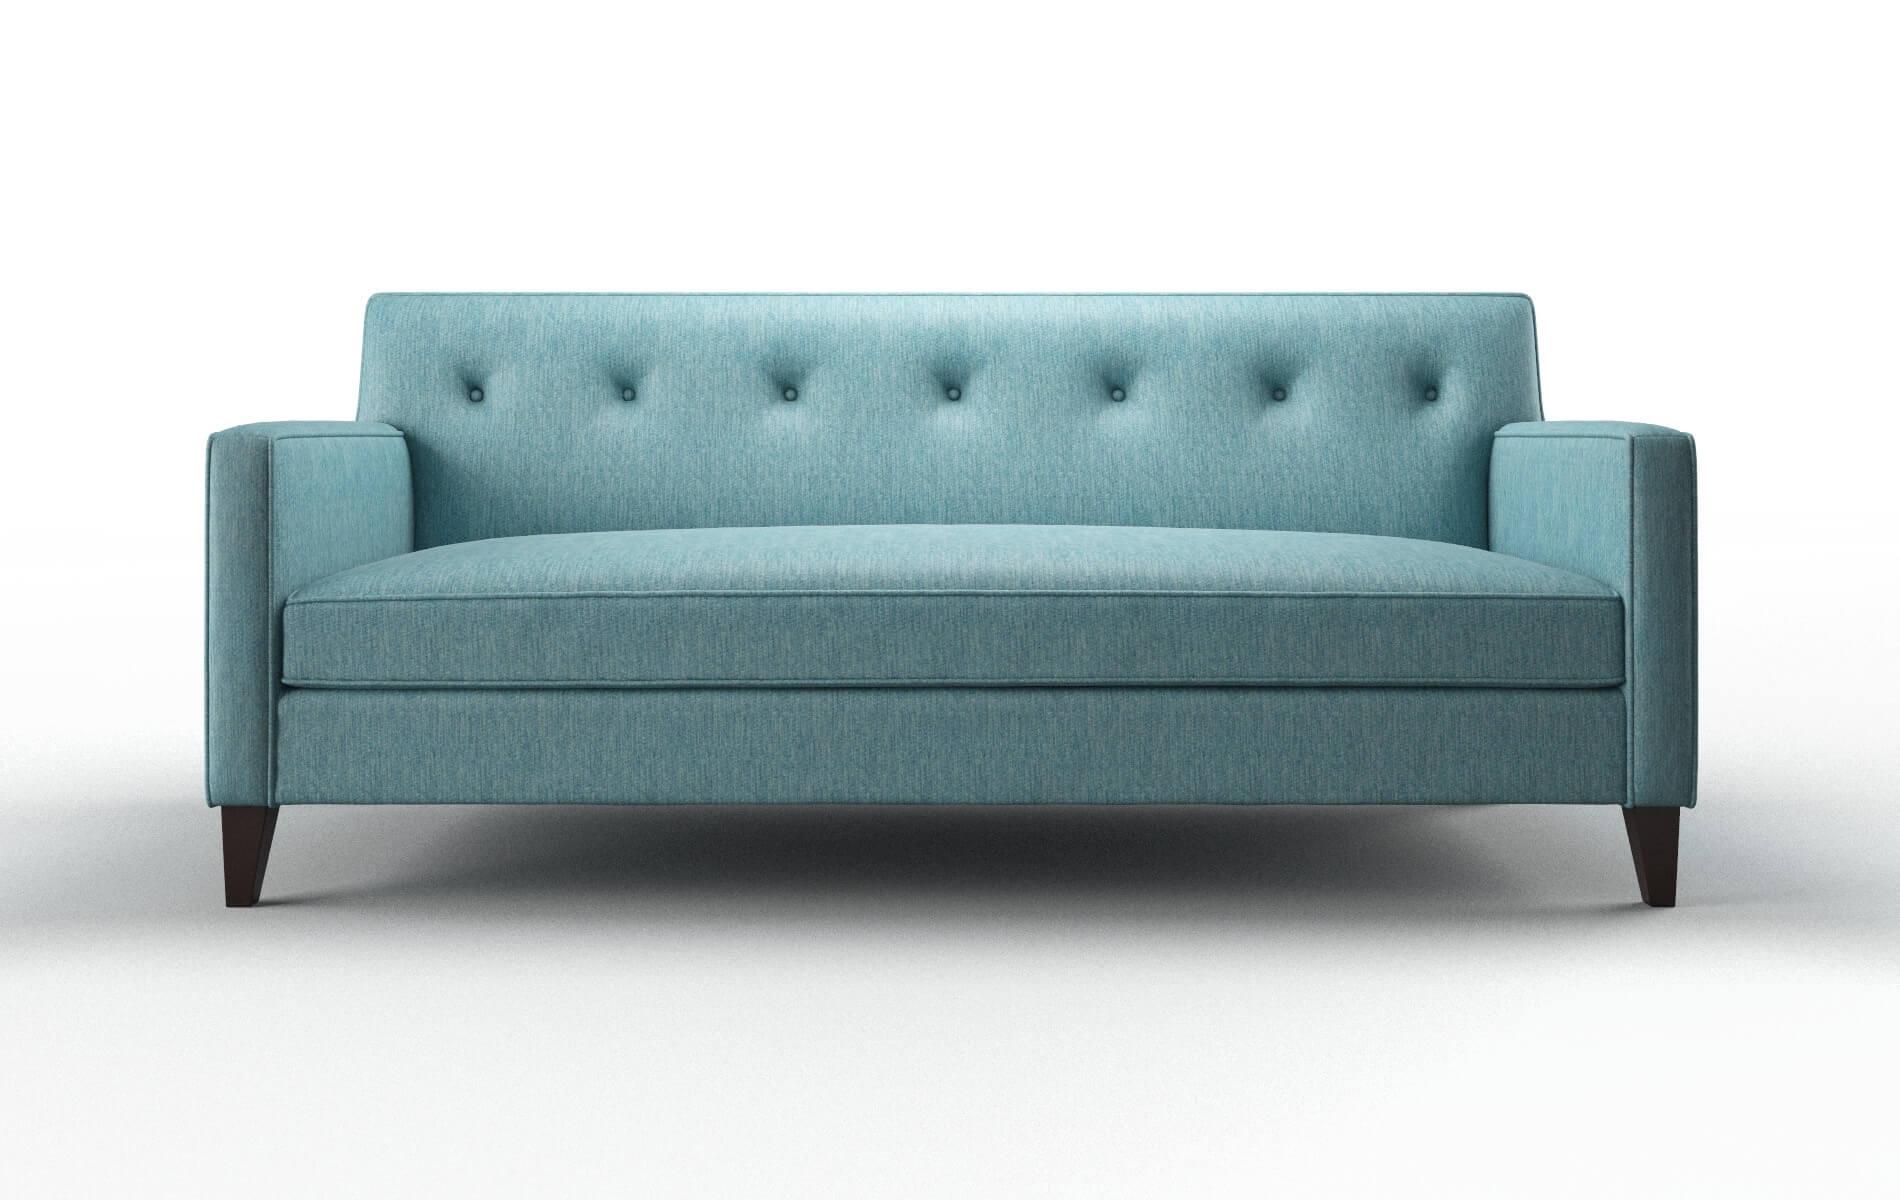 Harper Cosmo Turquoise Sofa espresso legs 1